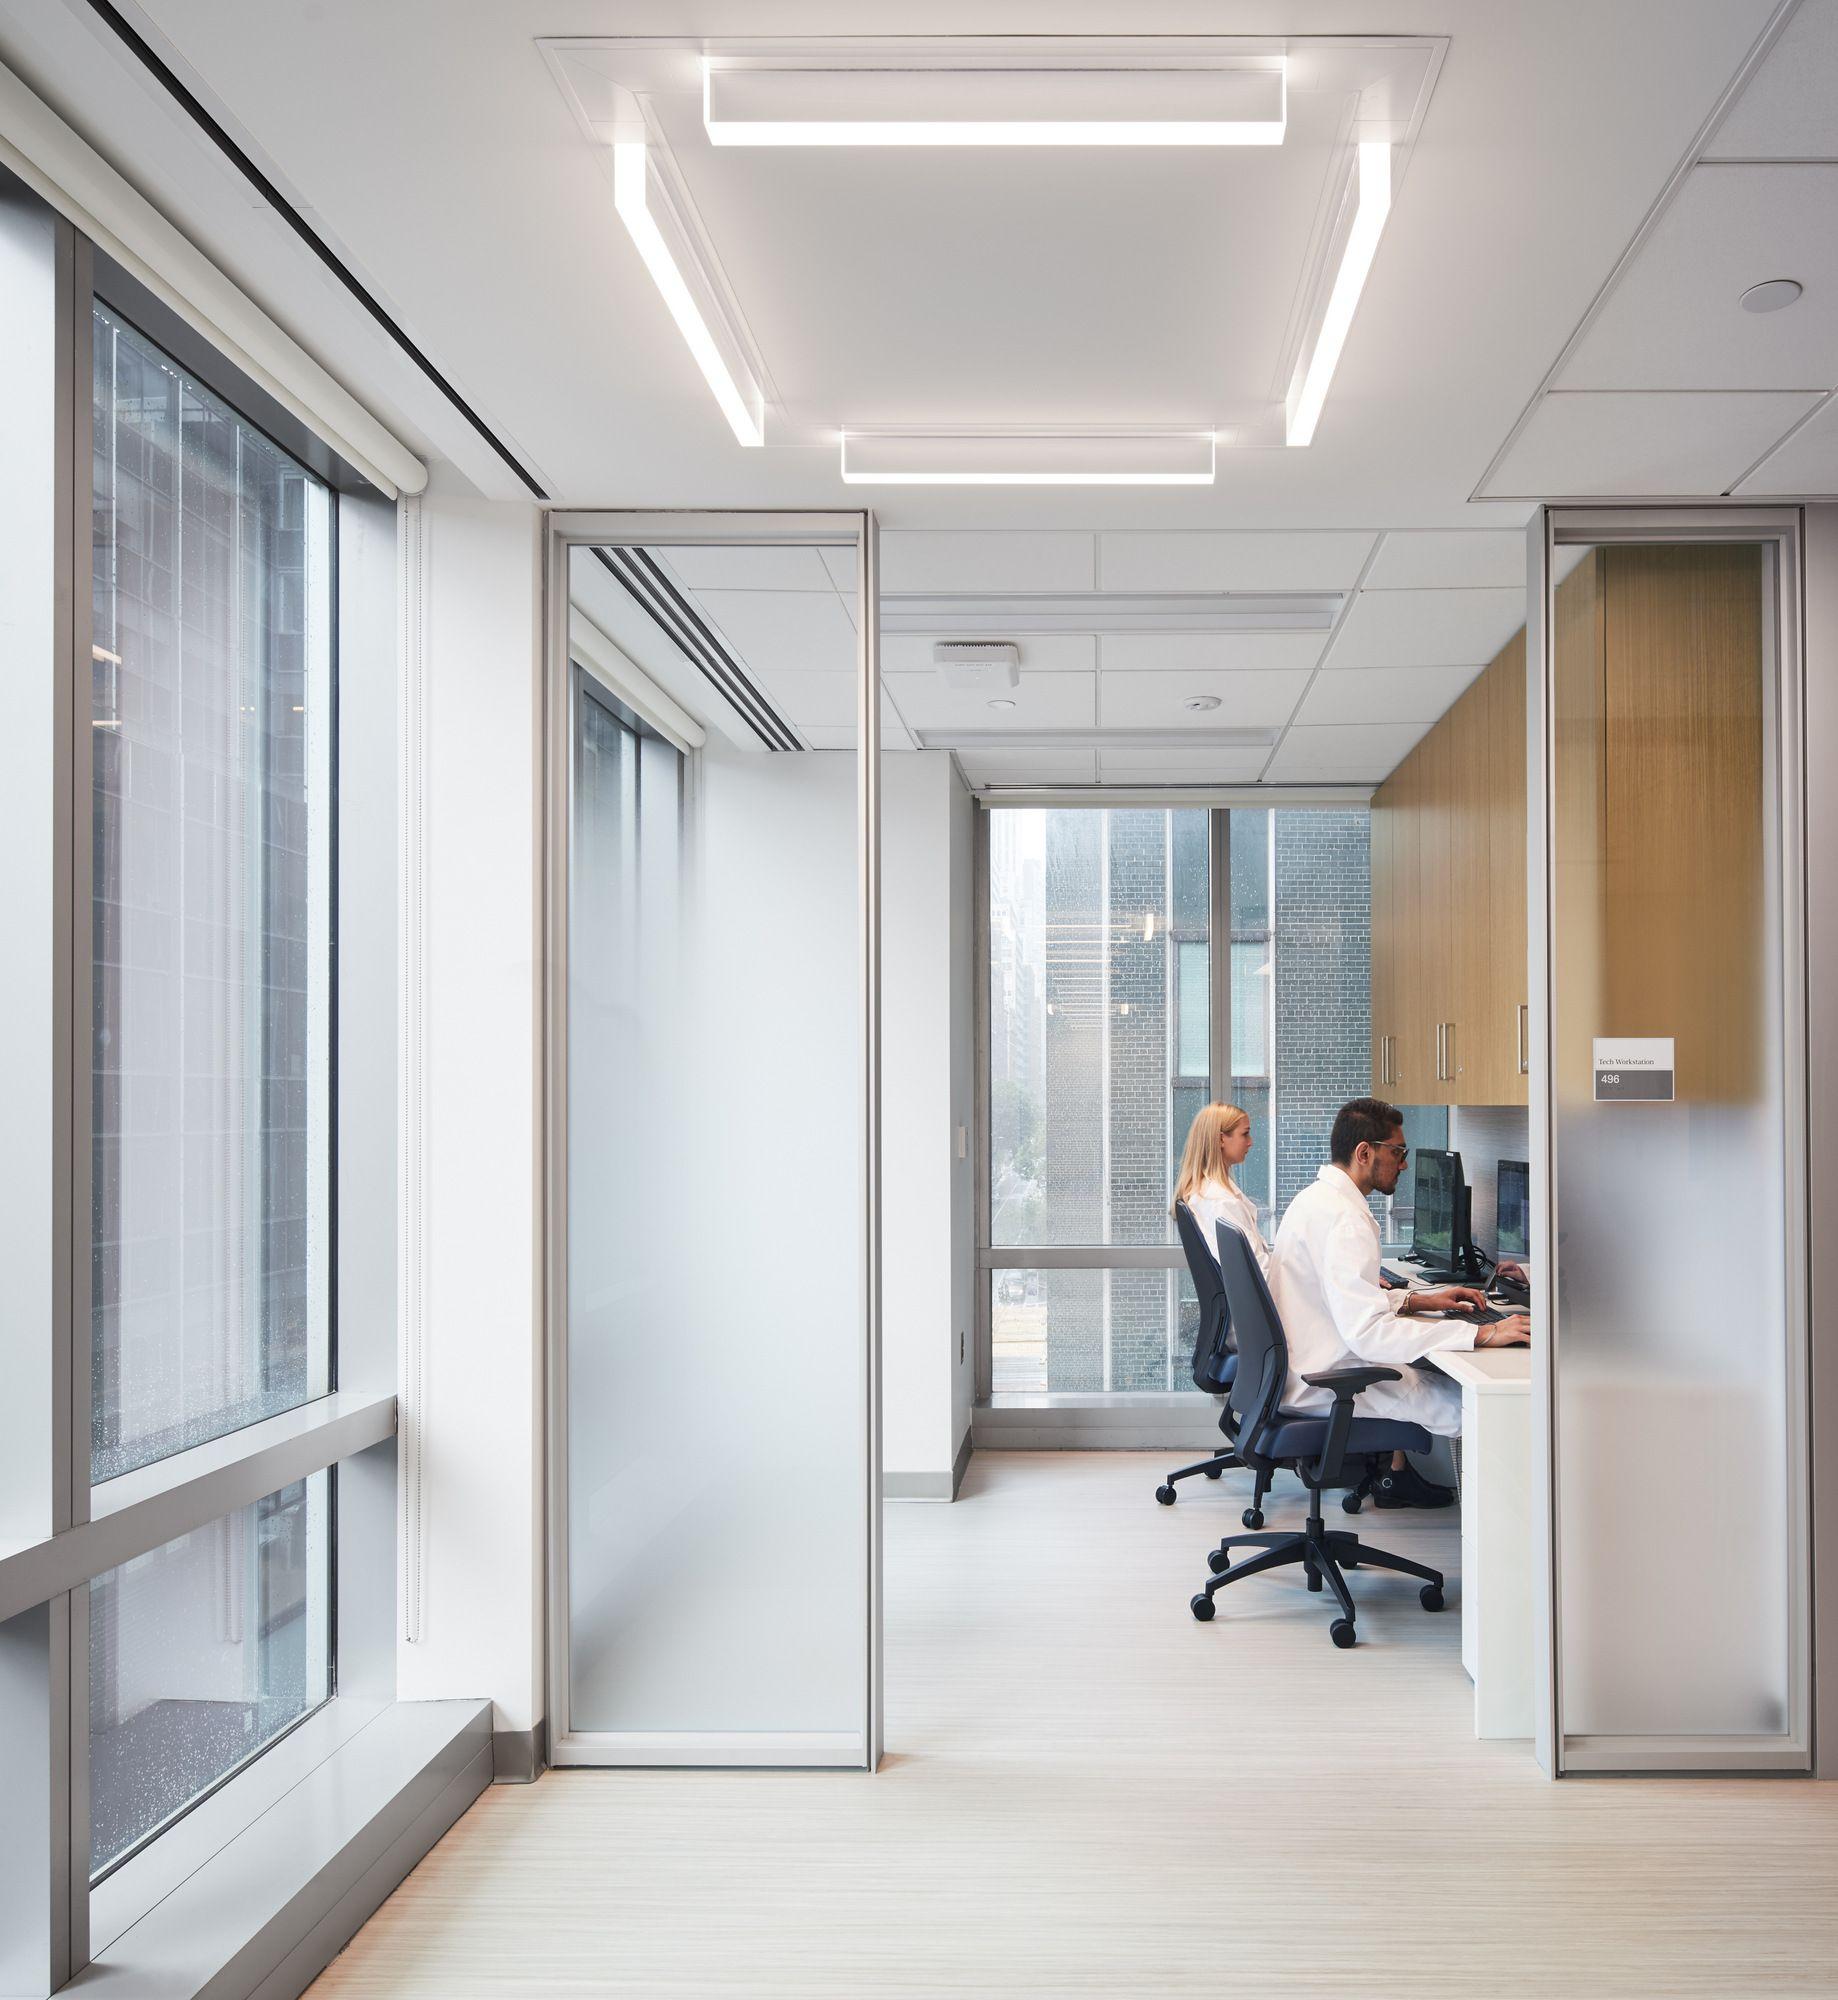 Nyu Langone Health Ambulatory Care Center Healthcare Snapshots In 2020 Ambulatory Care Health Care Office Interiors